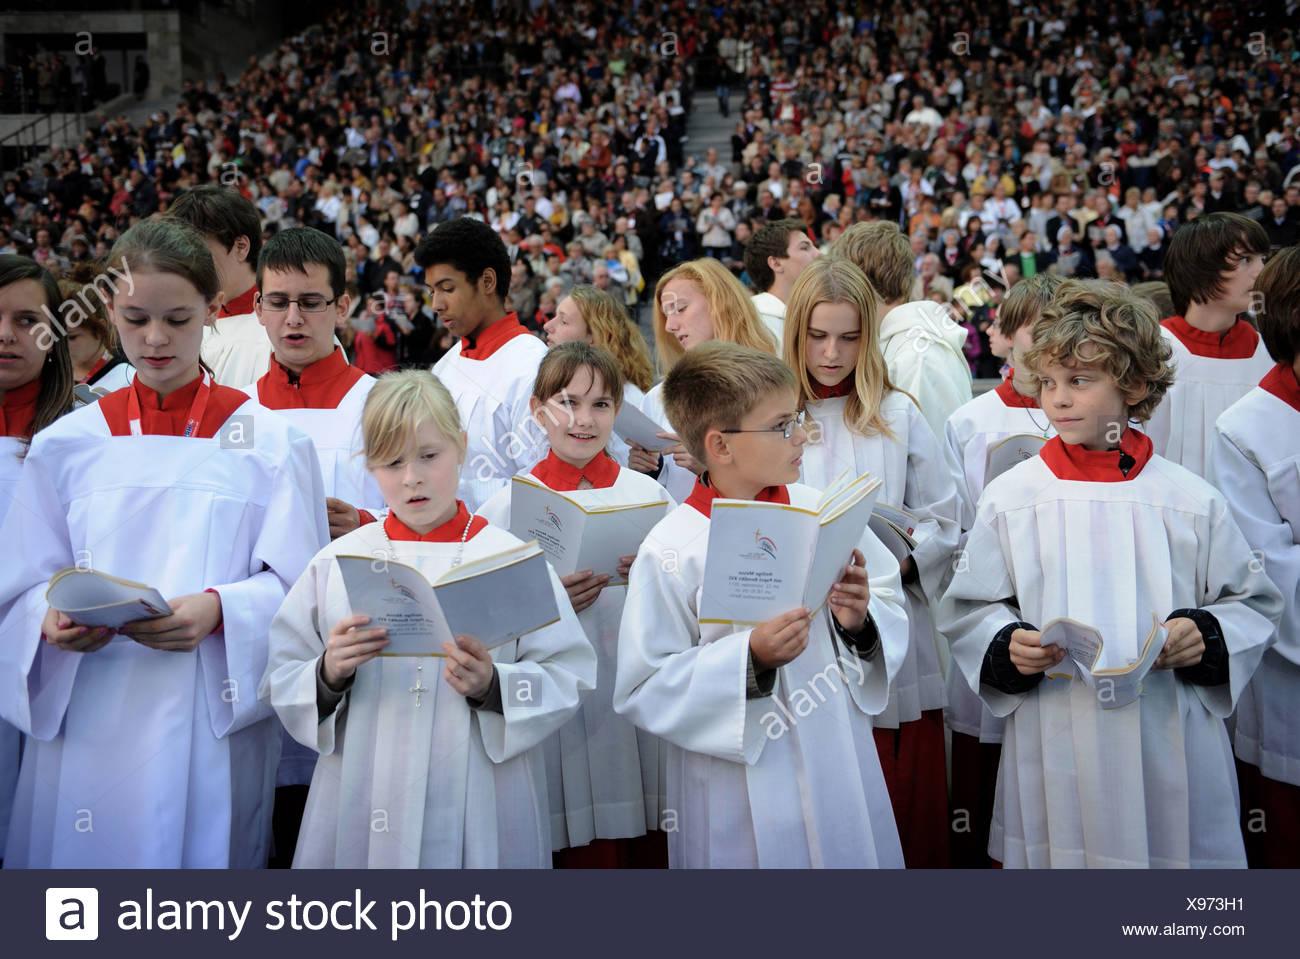 Berlin, Deutschland, Altar in der päpstlichen Messe im Berliner Olympiastadion Stockbild